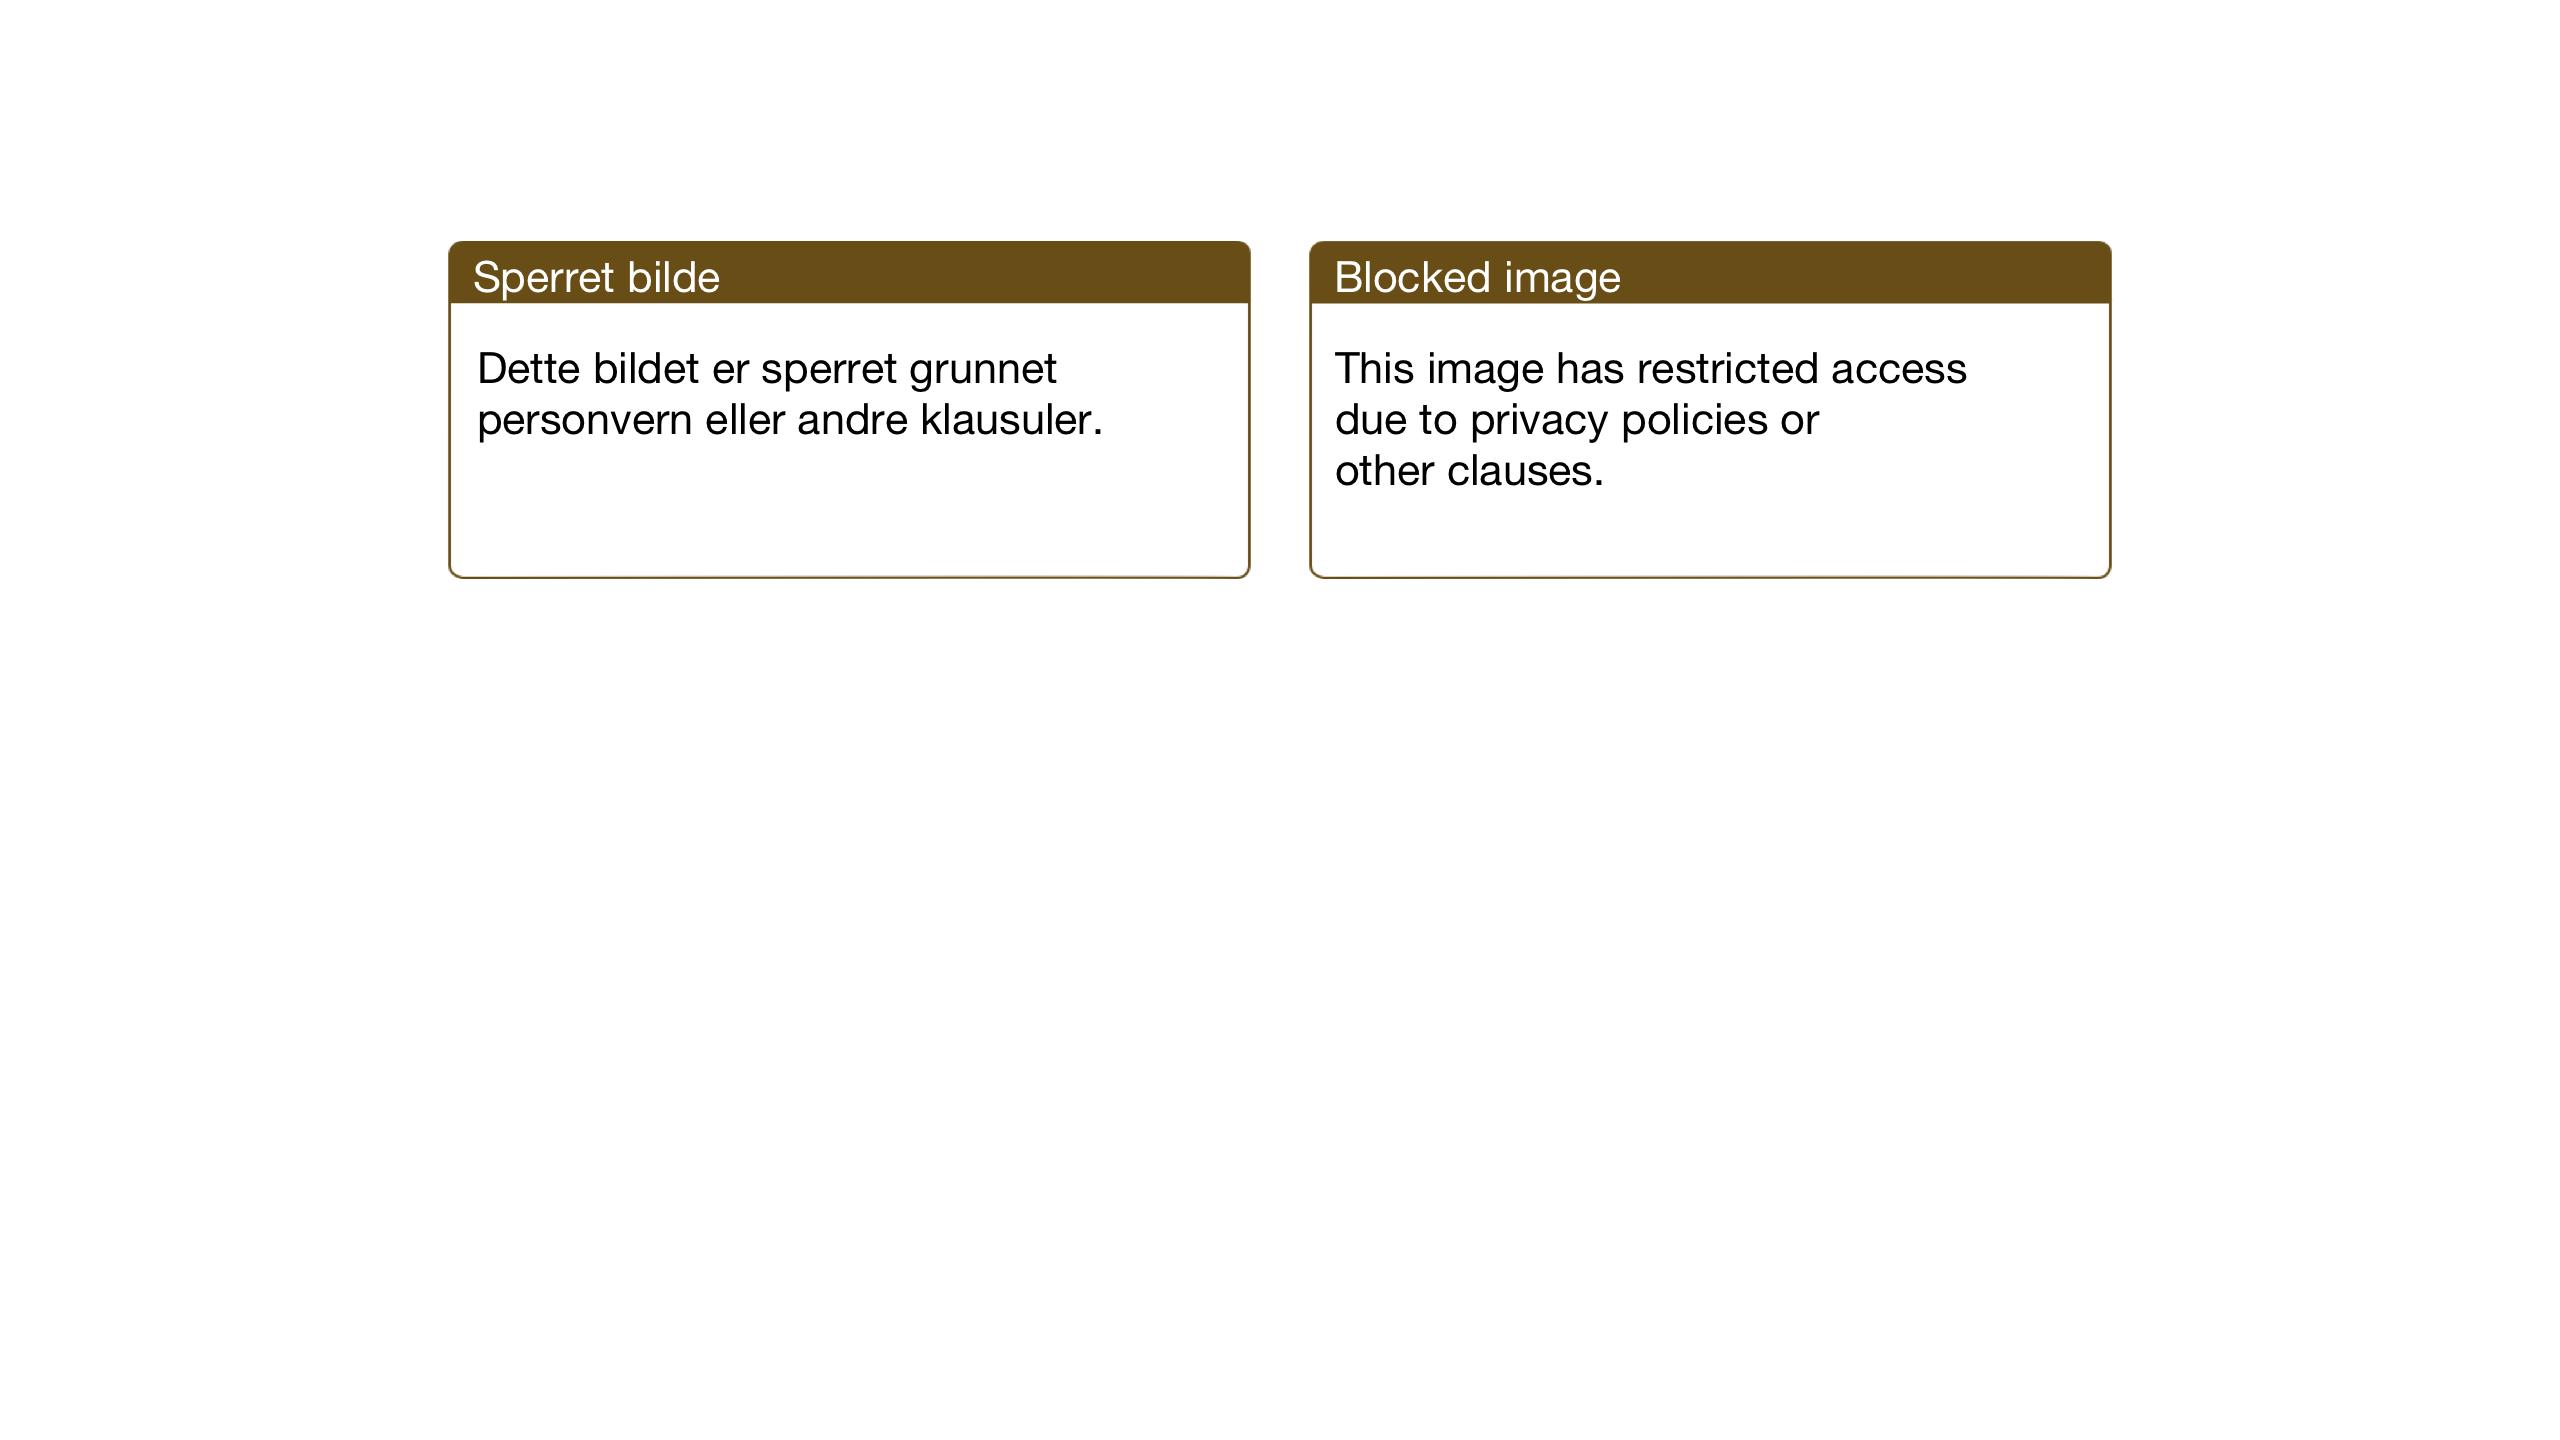 SAT, Ministerialprotokoller, klokkerbøker og fødselsregistre - Nord-Trøndelag, 722/L0227: Klokkerbok nr. 722C03, 1928-1958, s. 120